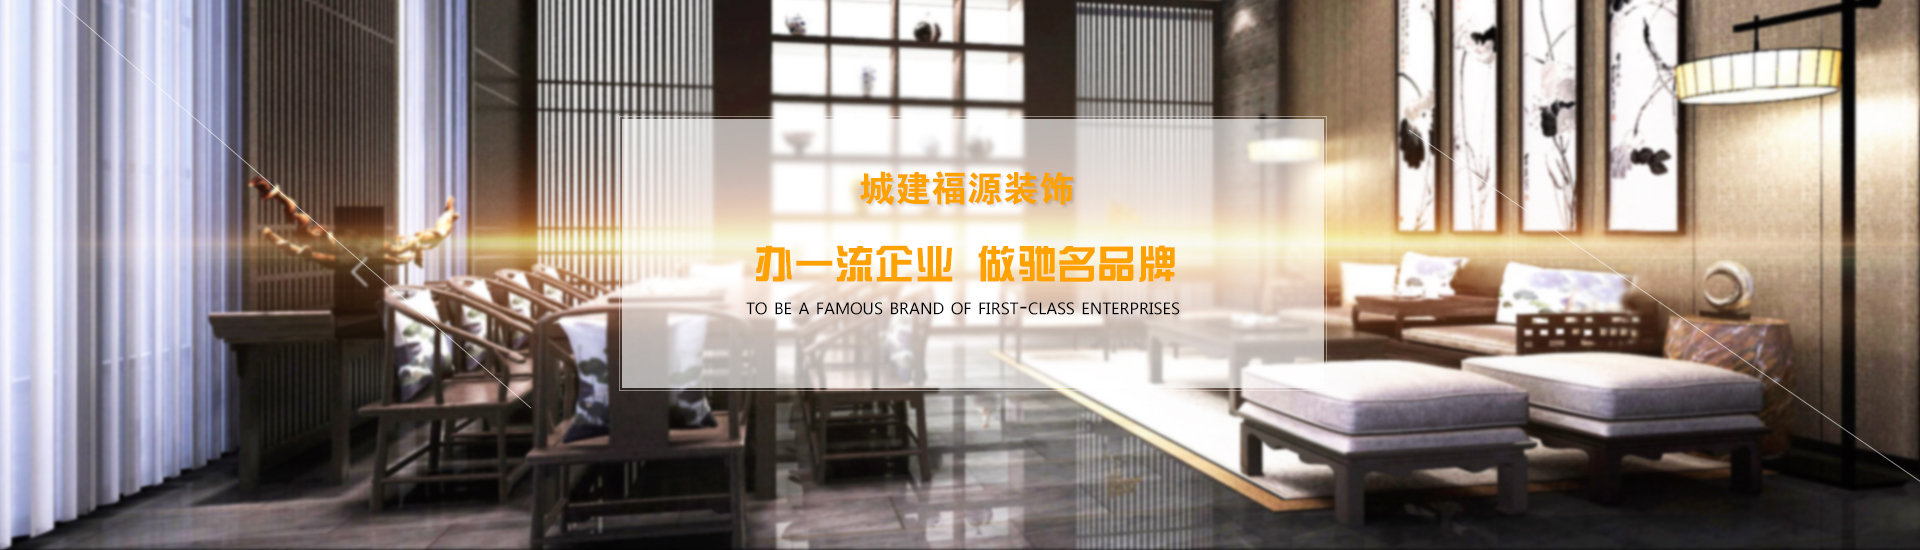 青岛城建福源装饰工程有限公司